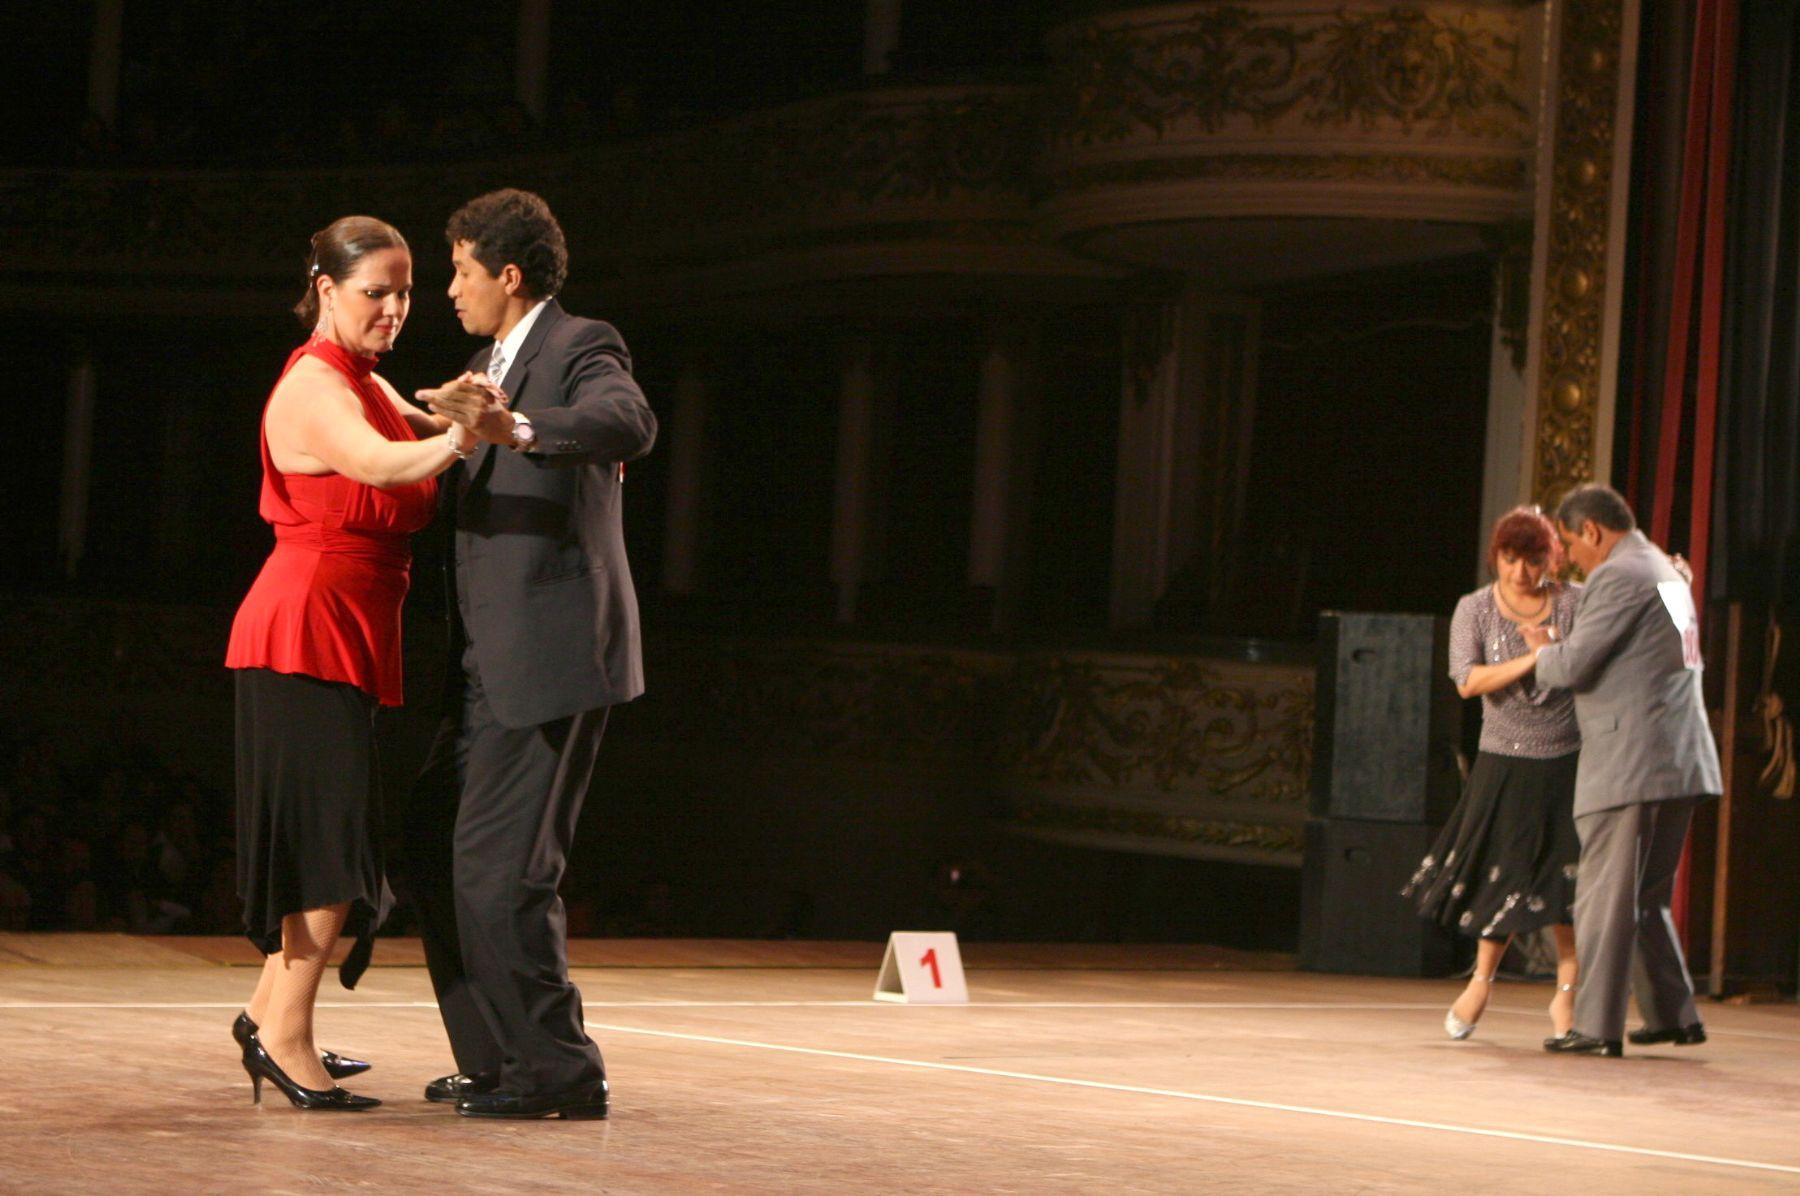 V Concurso Nacional de Vals Criollo en Teatro Manuel Ascencio Segura  Foto: ANDINA/Vidal Tarqui